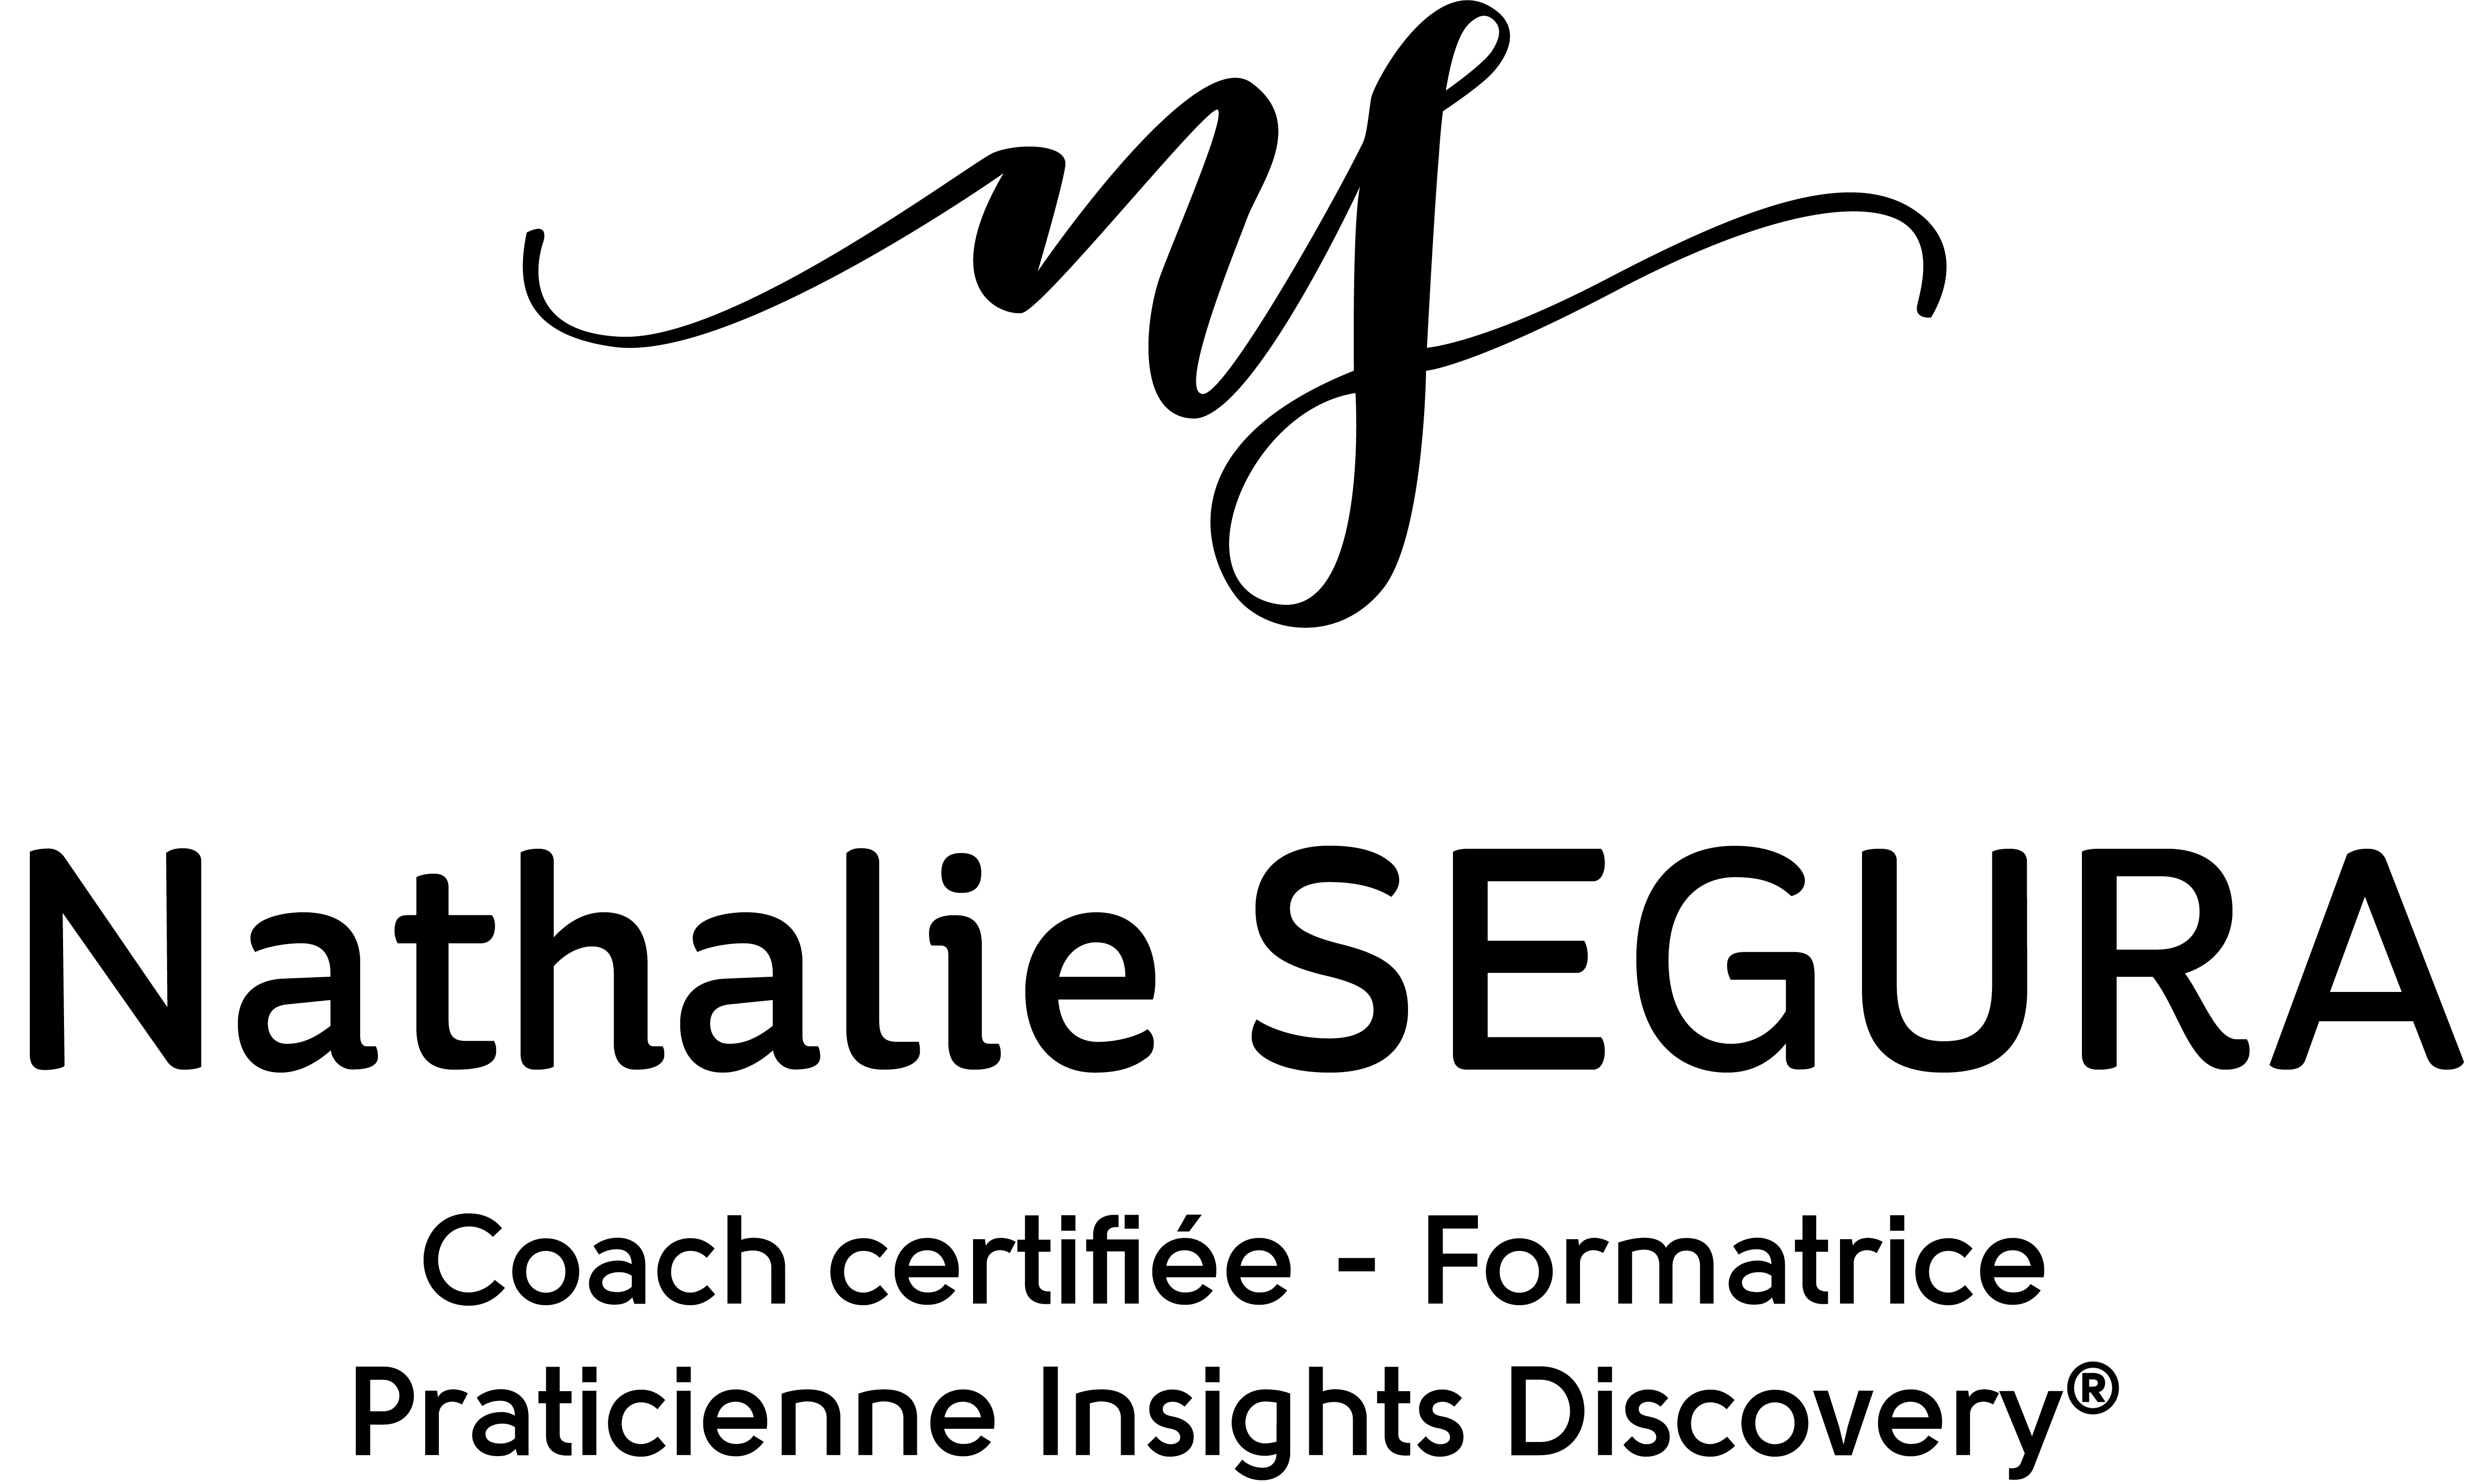 NathalieSegura_Logo-praticienne